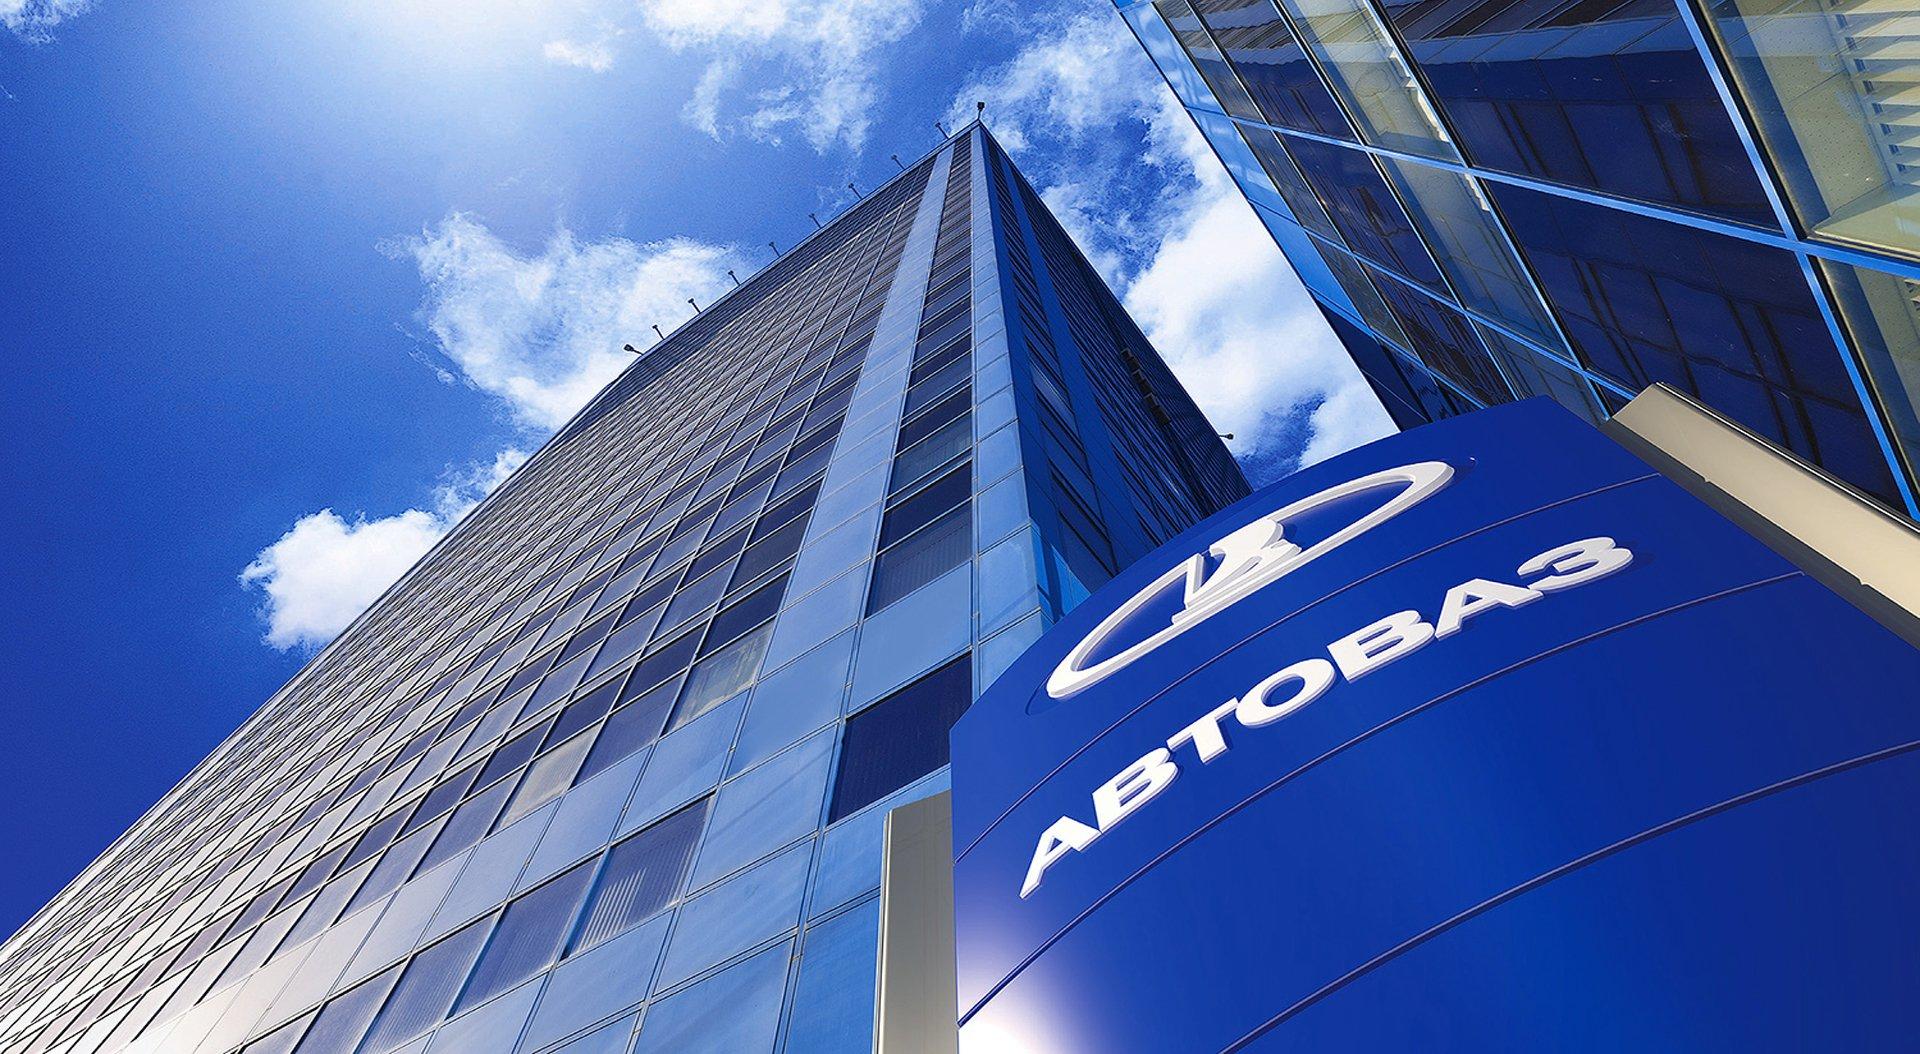 АвтоВАЗ зарегистрировал новые имена для будущих Lada